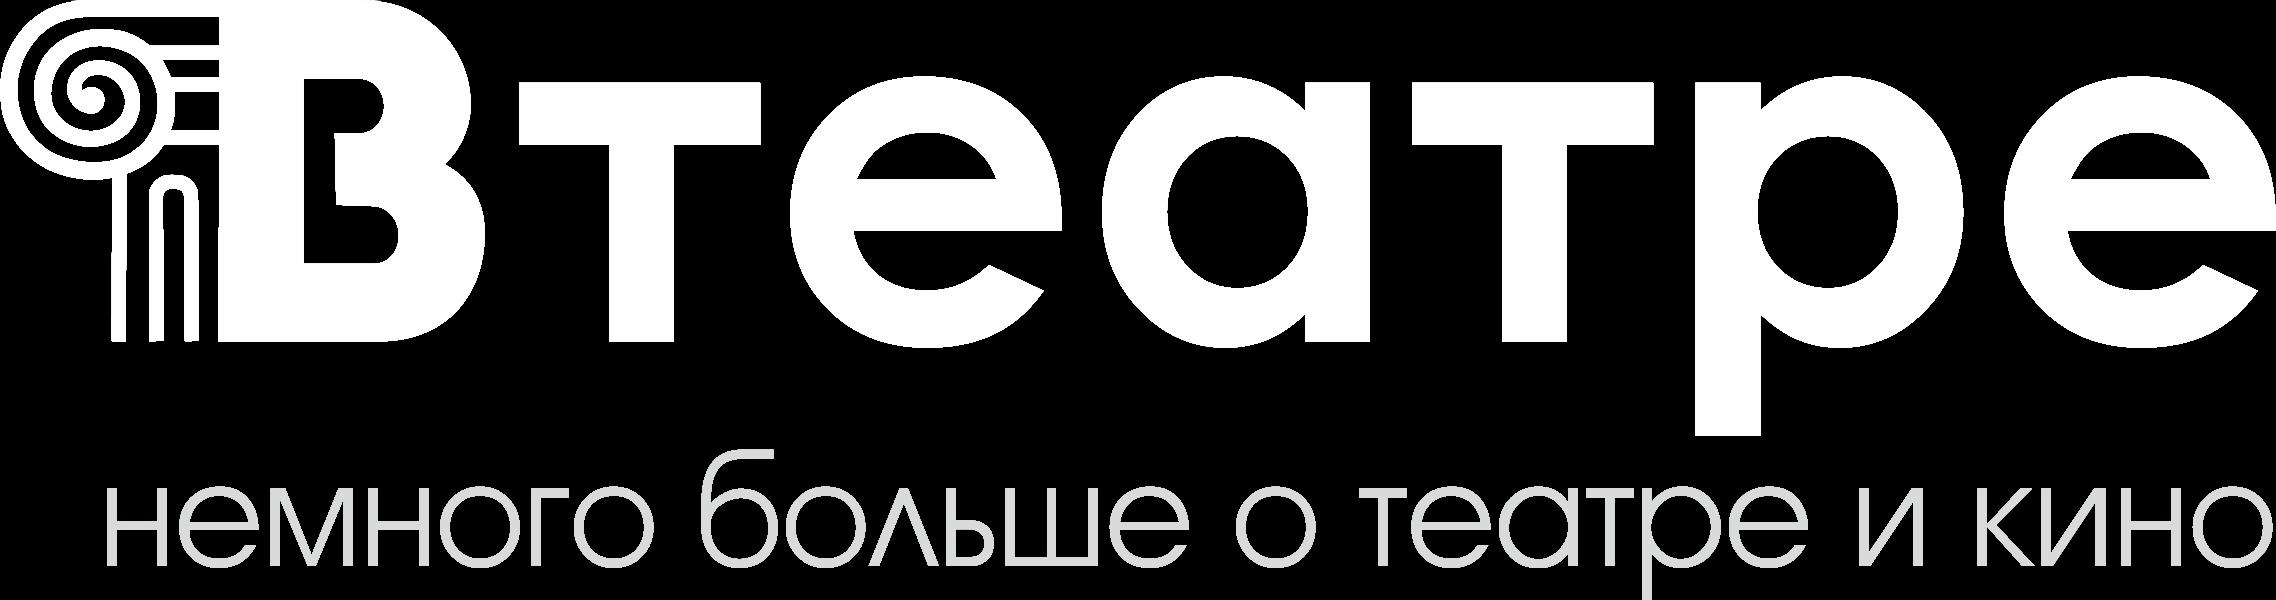 Втеатре